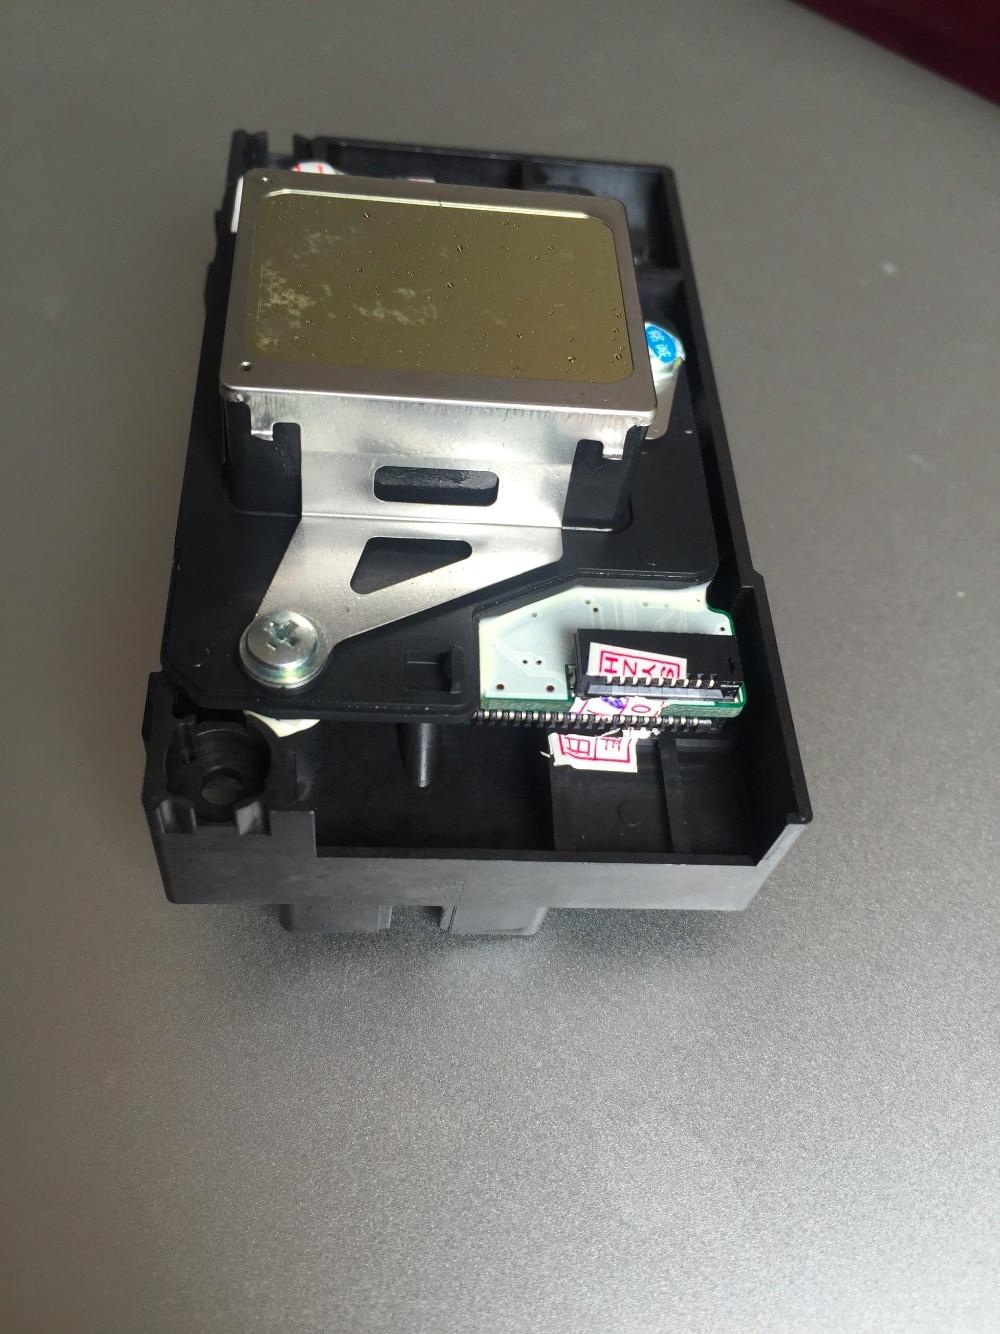 REFURBISHED Print Head FOR EPSON R270 R260 R265 R360REFURBISHED Print Head FOR EPSON R270 R260 R265 R360